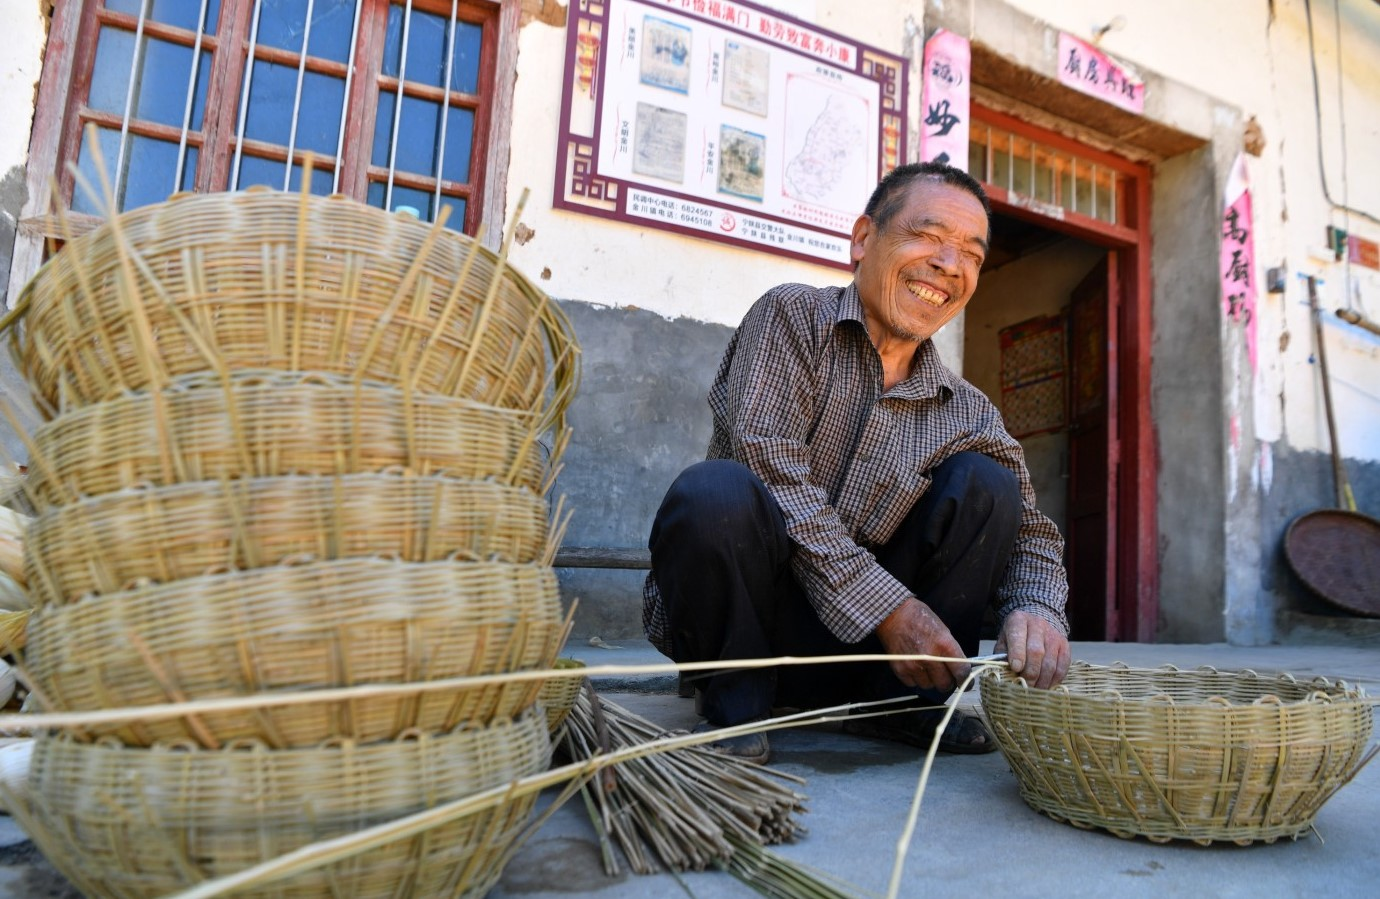 Distritos empobrecidos de China experimentan fuerte crecimiento de ventas en 2016-2020